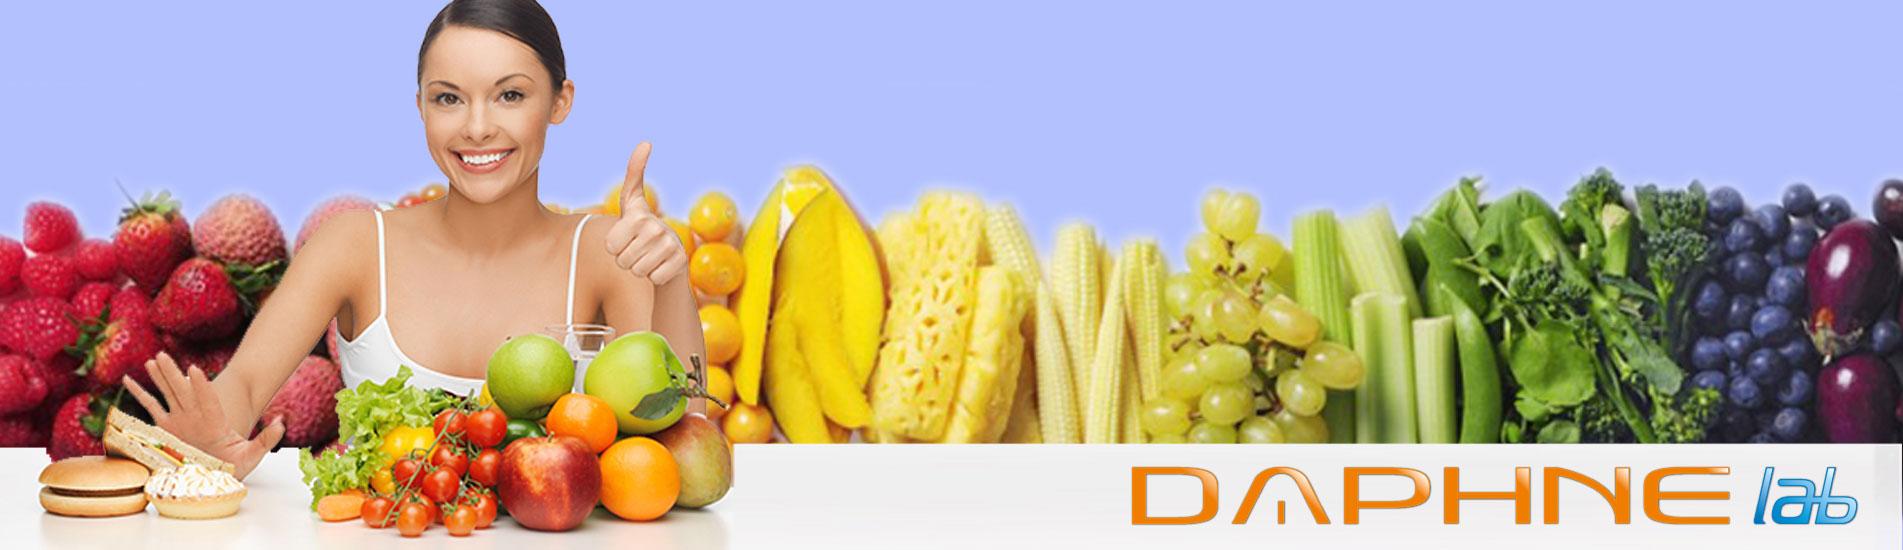 Тестна пищевую непеременносимость Daphne lab для вашего здоровья